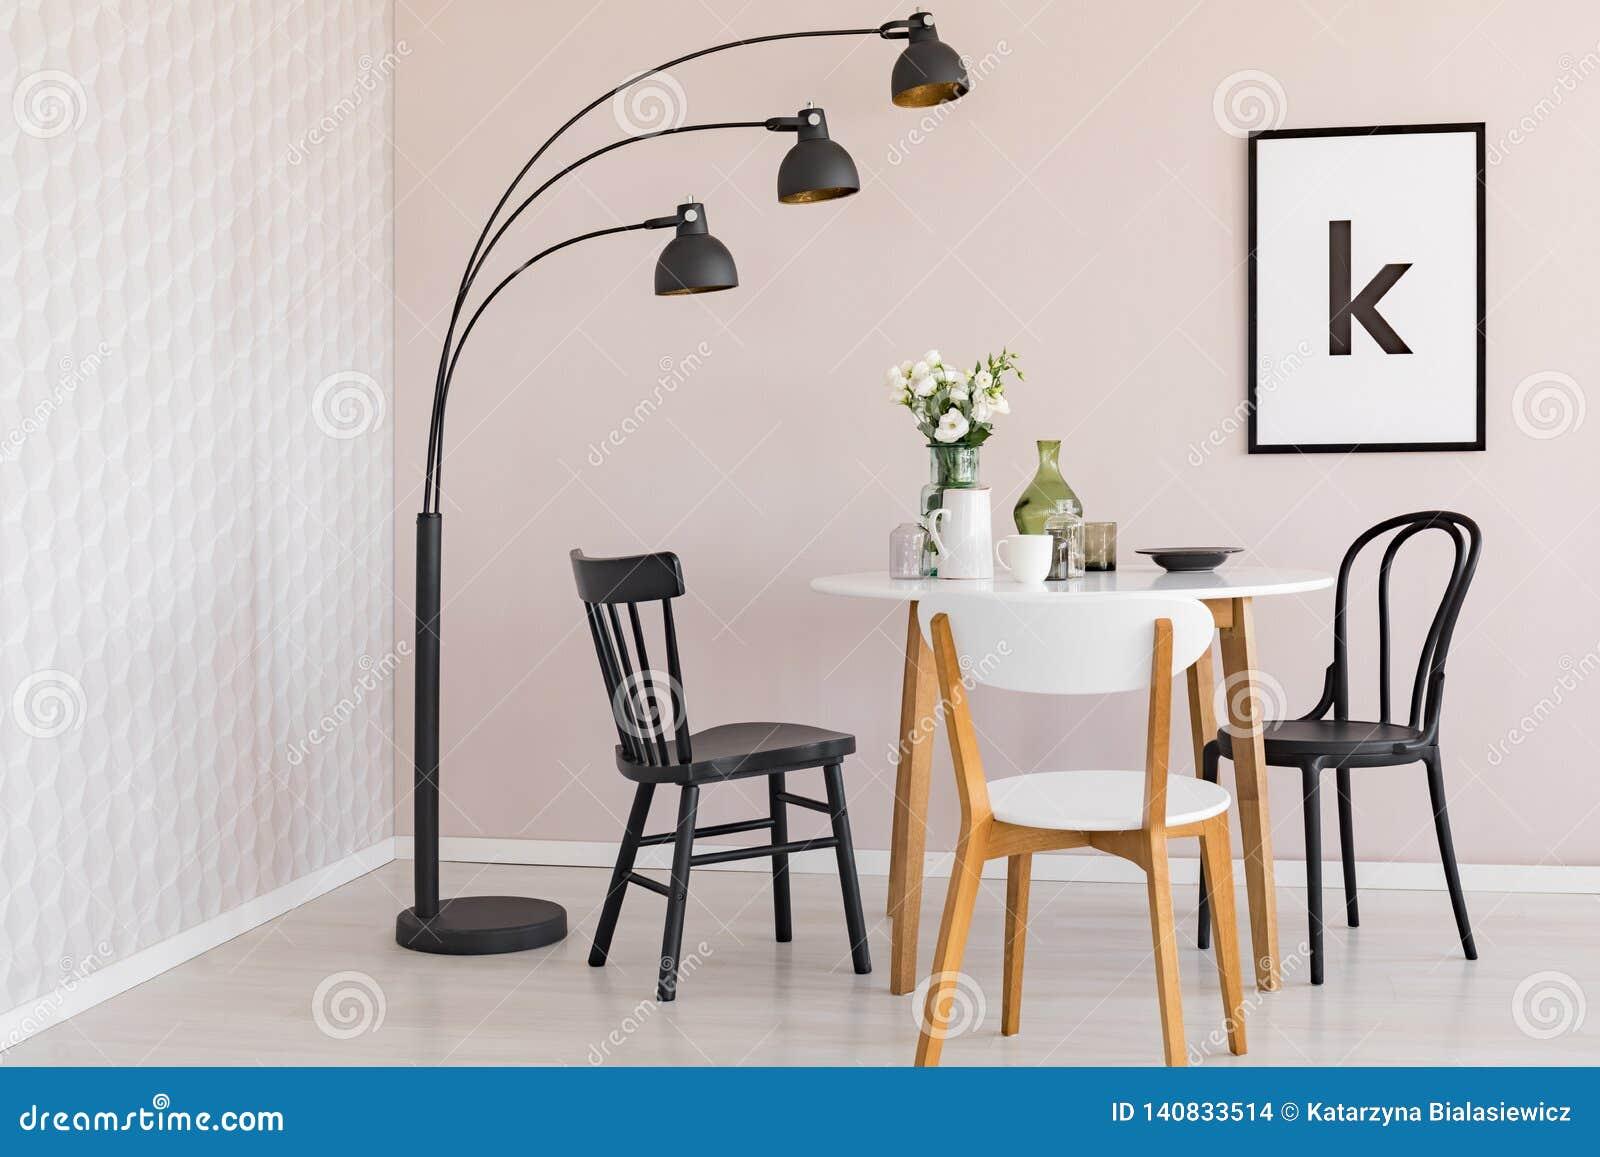 Zwarte lamp boven stoelen en houten lijst met bloemen in eetkamerbinnenland met affiche Echte foto